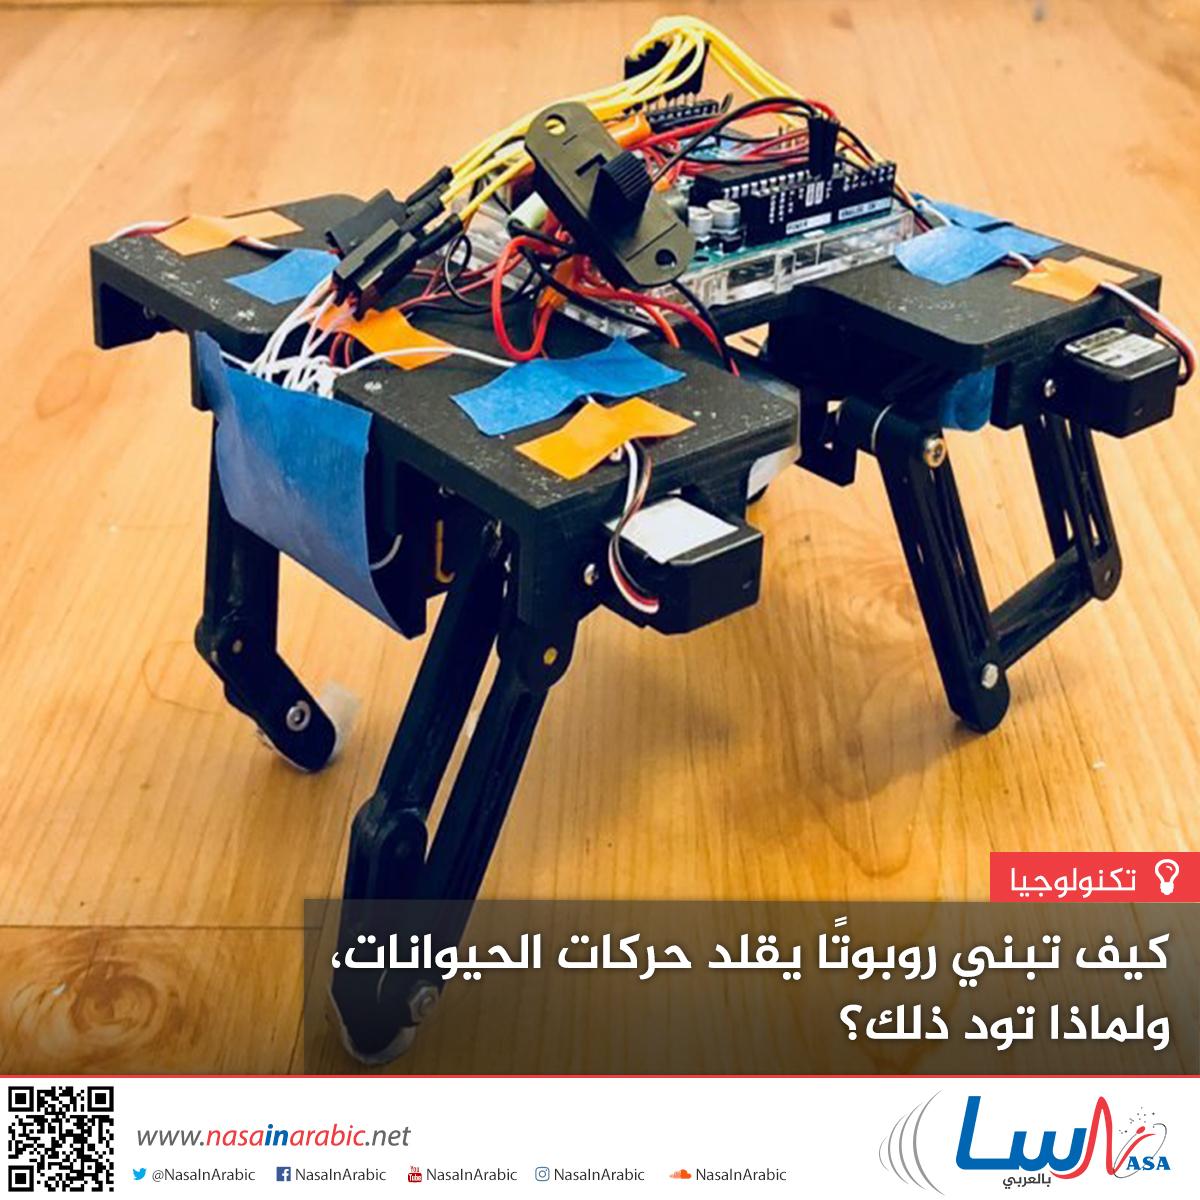 كيف تبني روبوتًا يقلد حركات الحيوانات؟ ولماذا تود ذلك؟